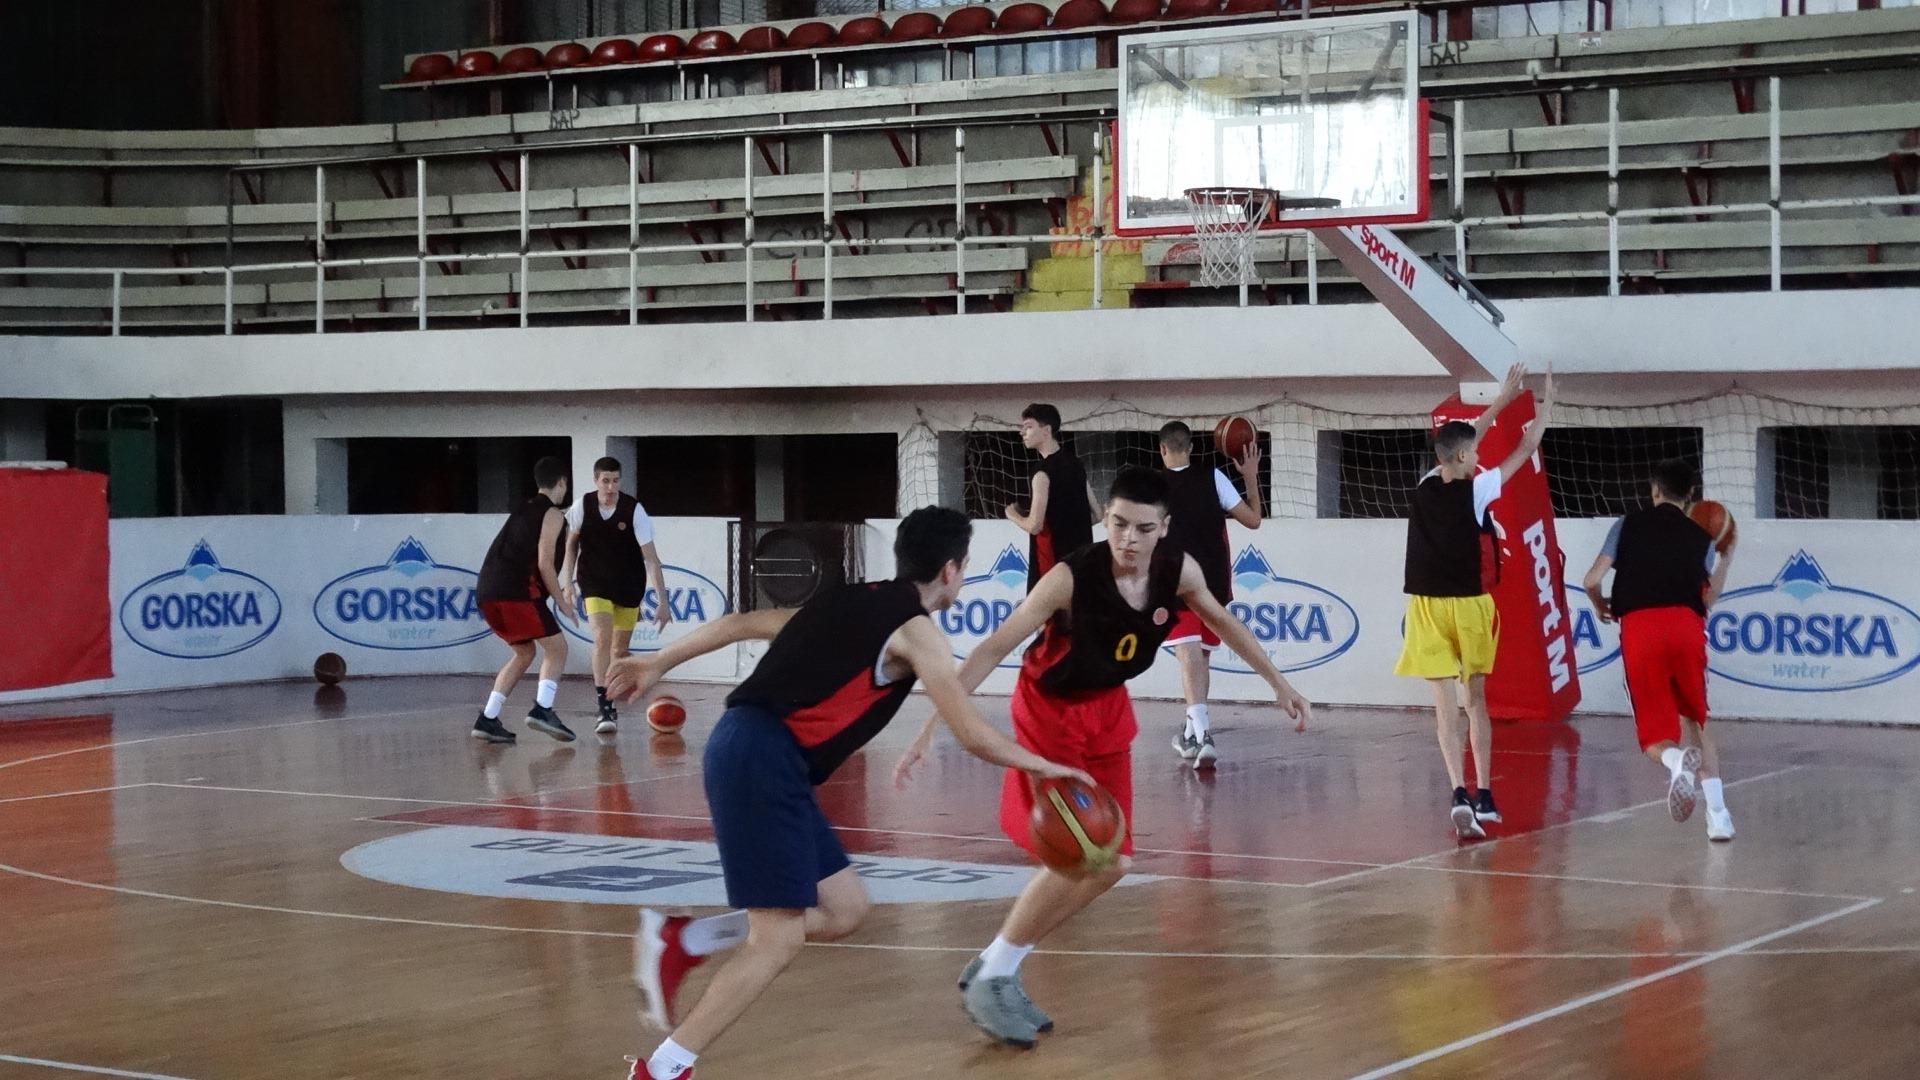 Кадетите заминуваат за Бугарија на пријателски натпревари и на турнир